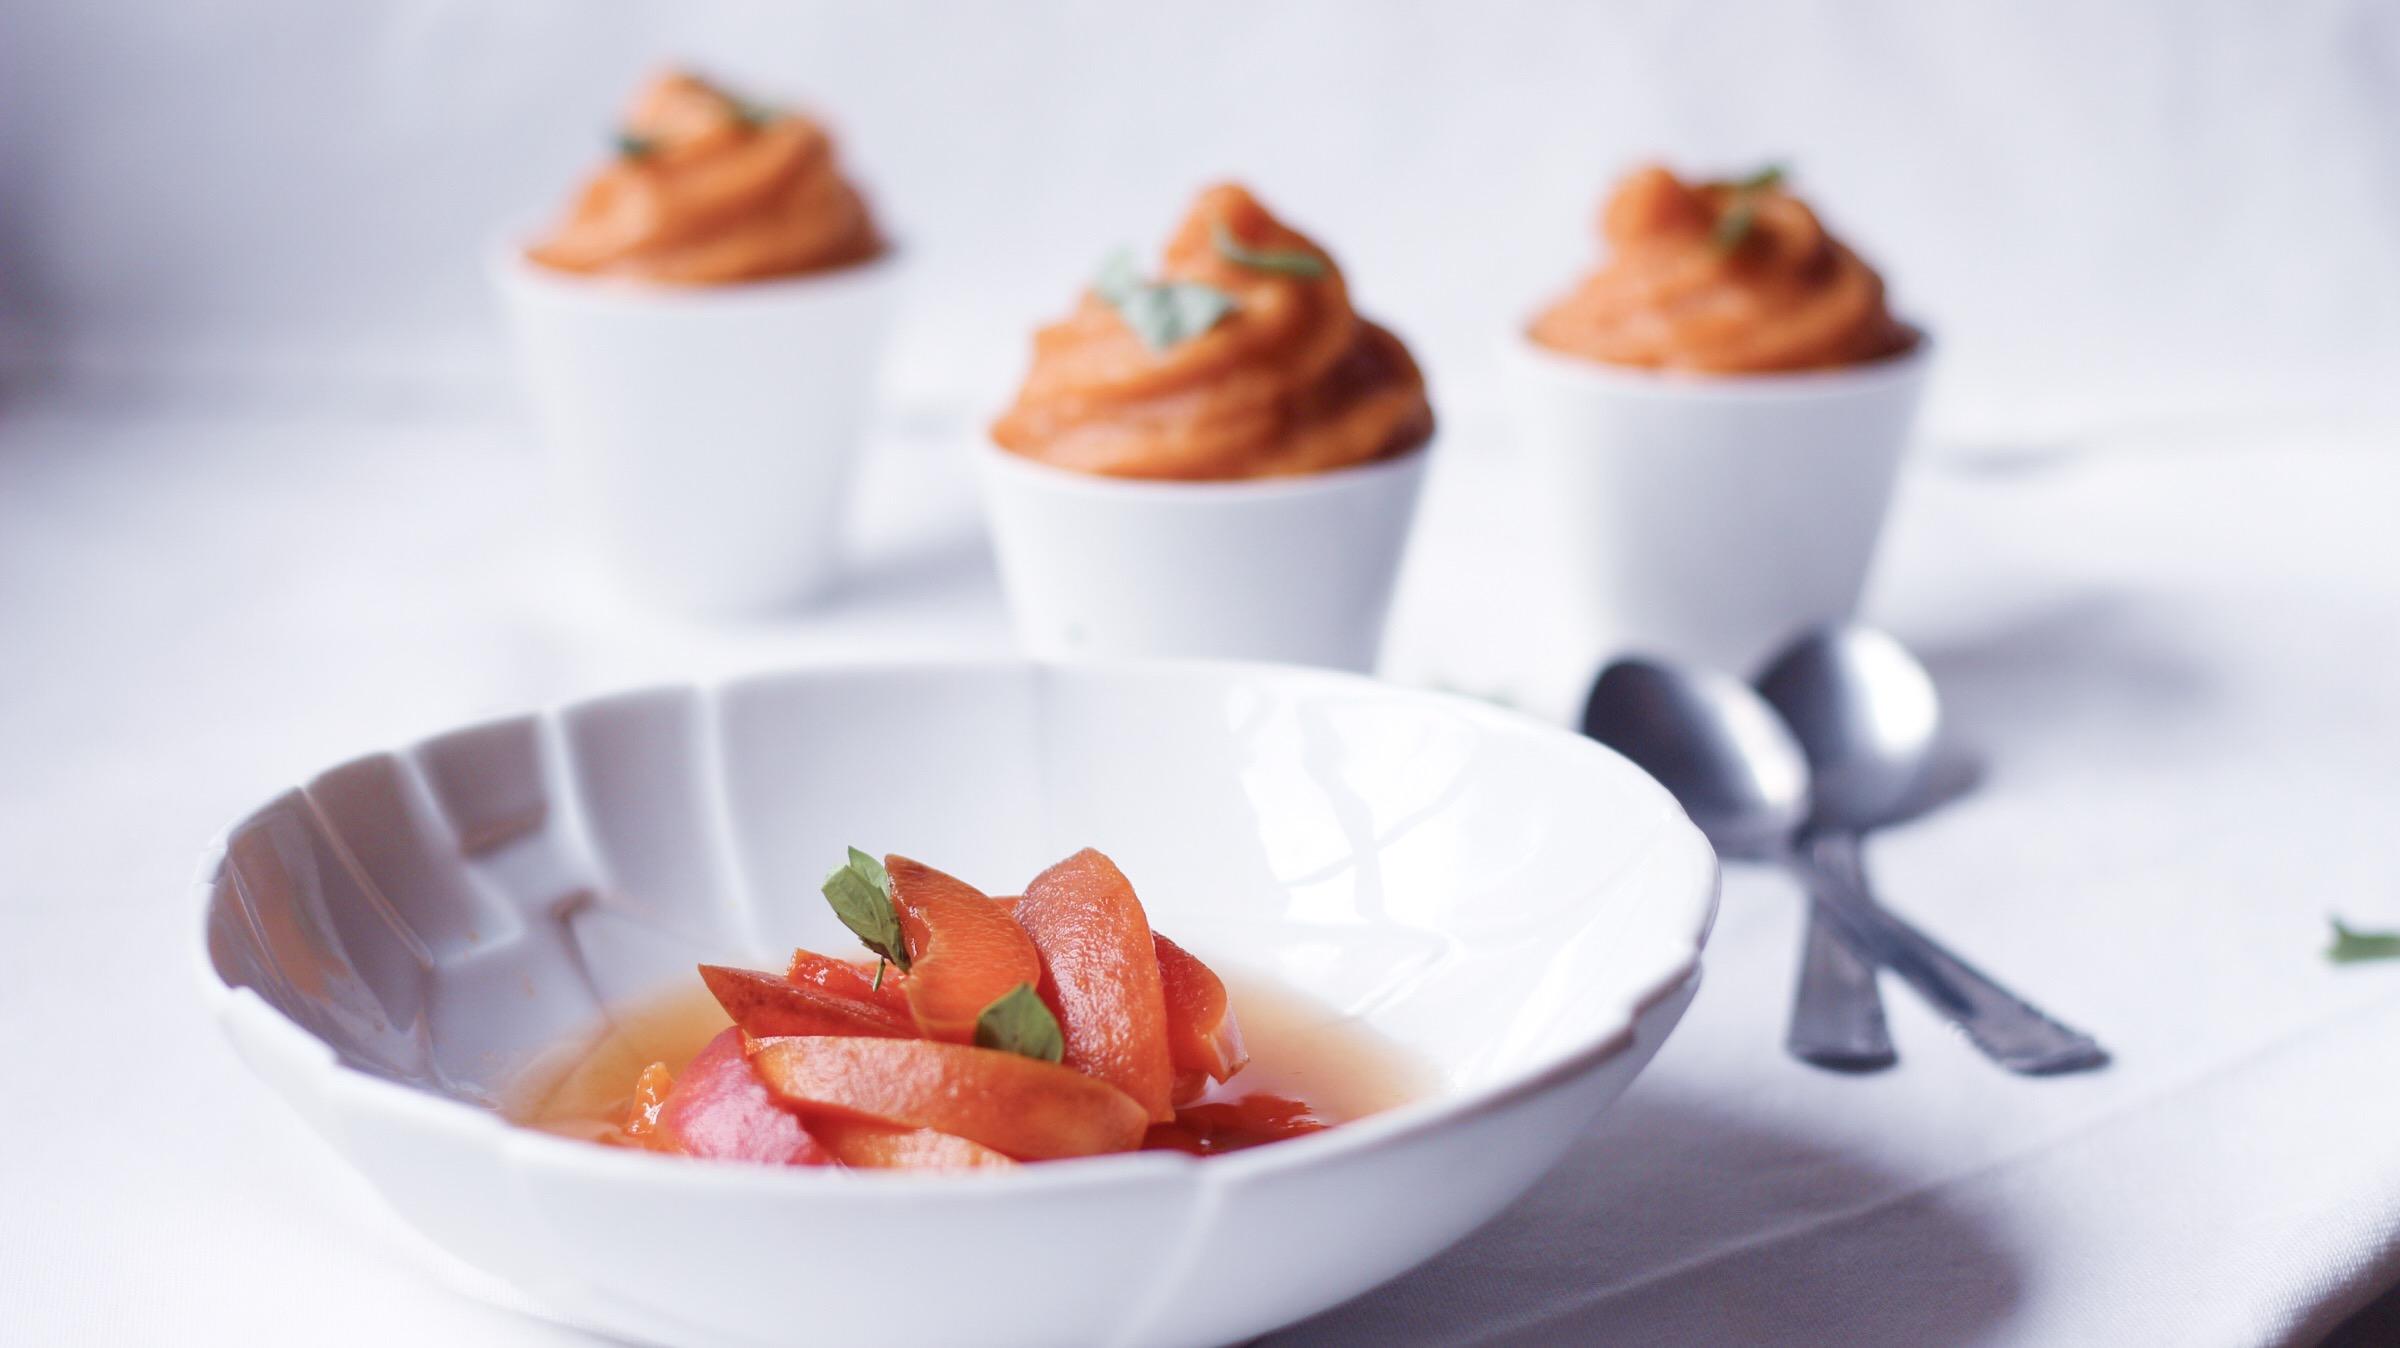 J'achète quelques abricots et aussitôt rentrée hop préparation en cuisine d'une mousse à l'abricot et une soupe à l'abricot.